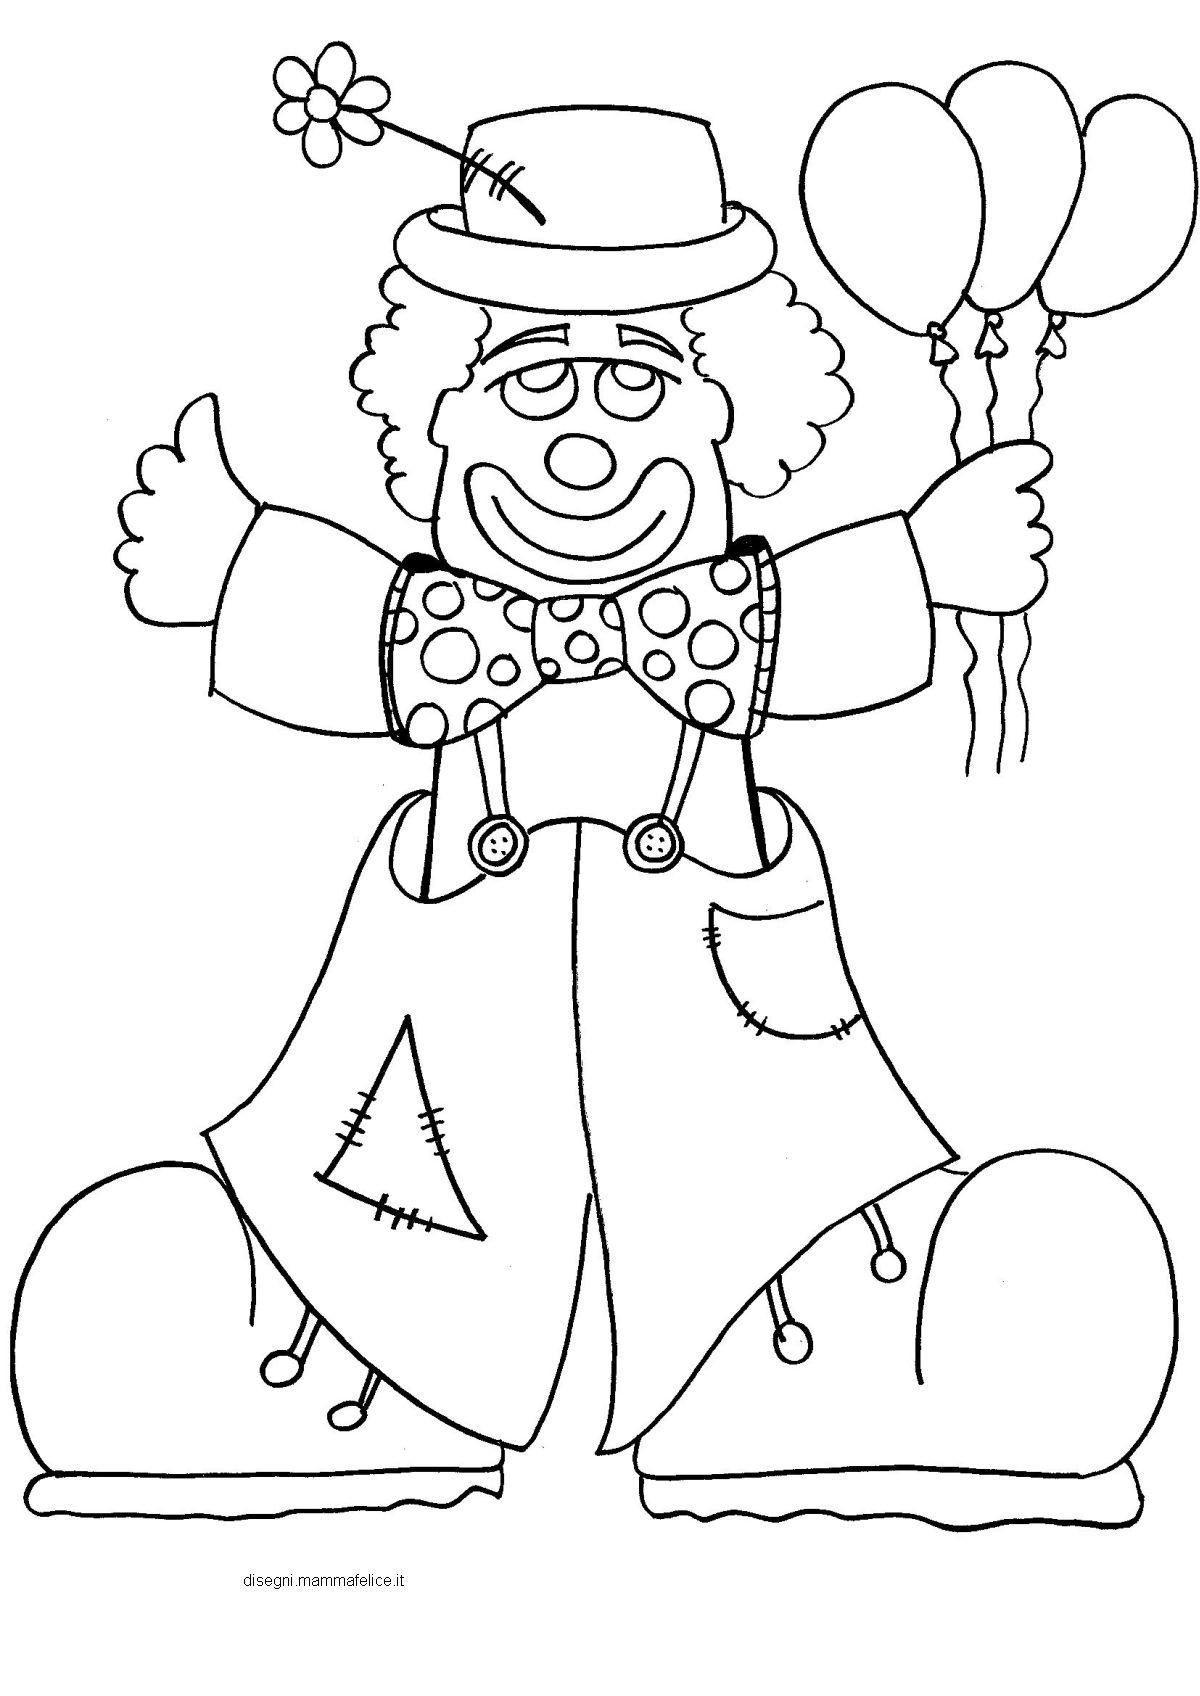 Disegno da colorare sul Carnevale: il pagliaccio